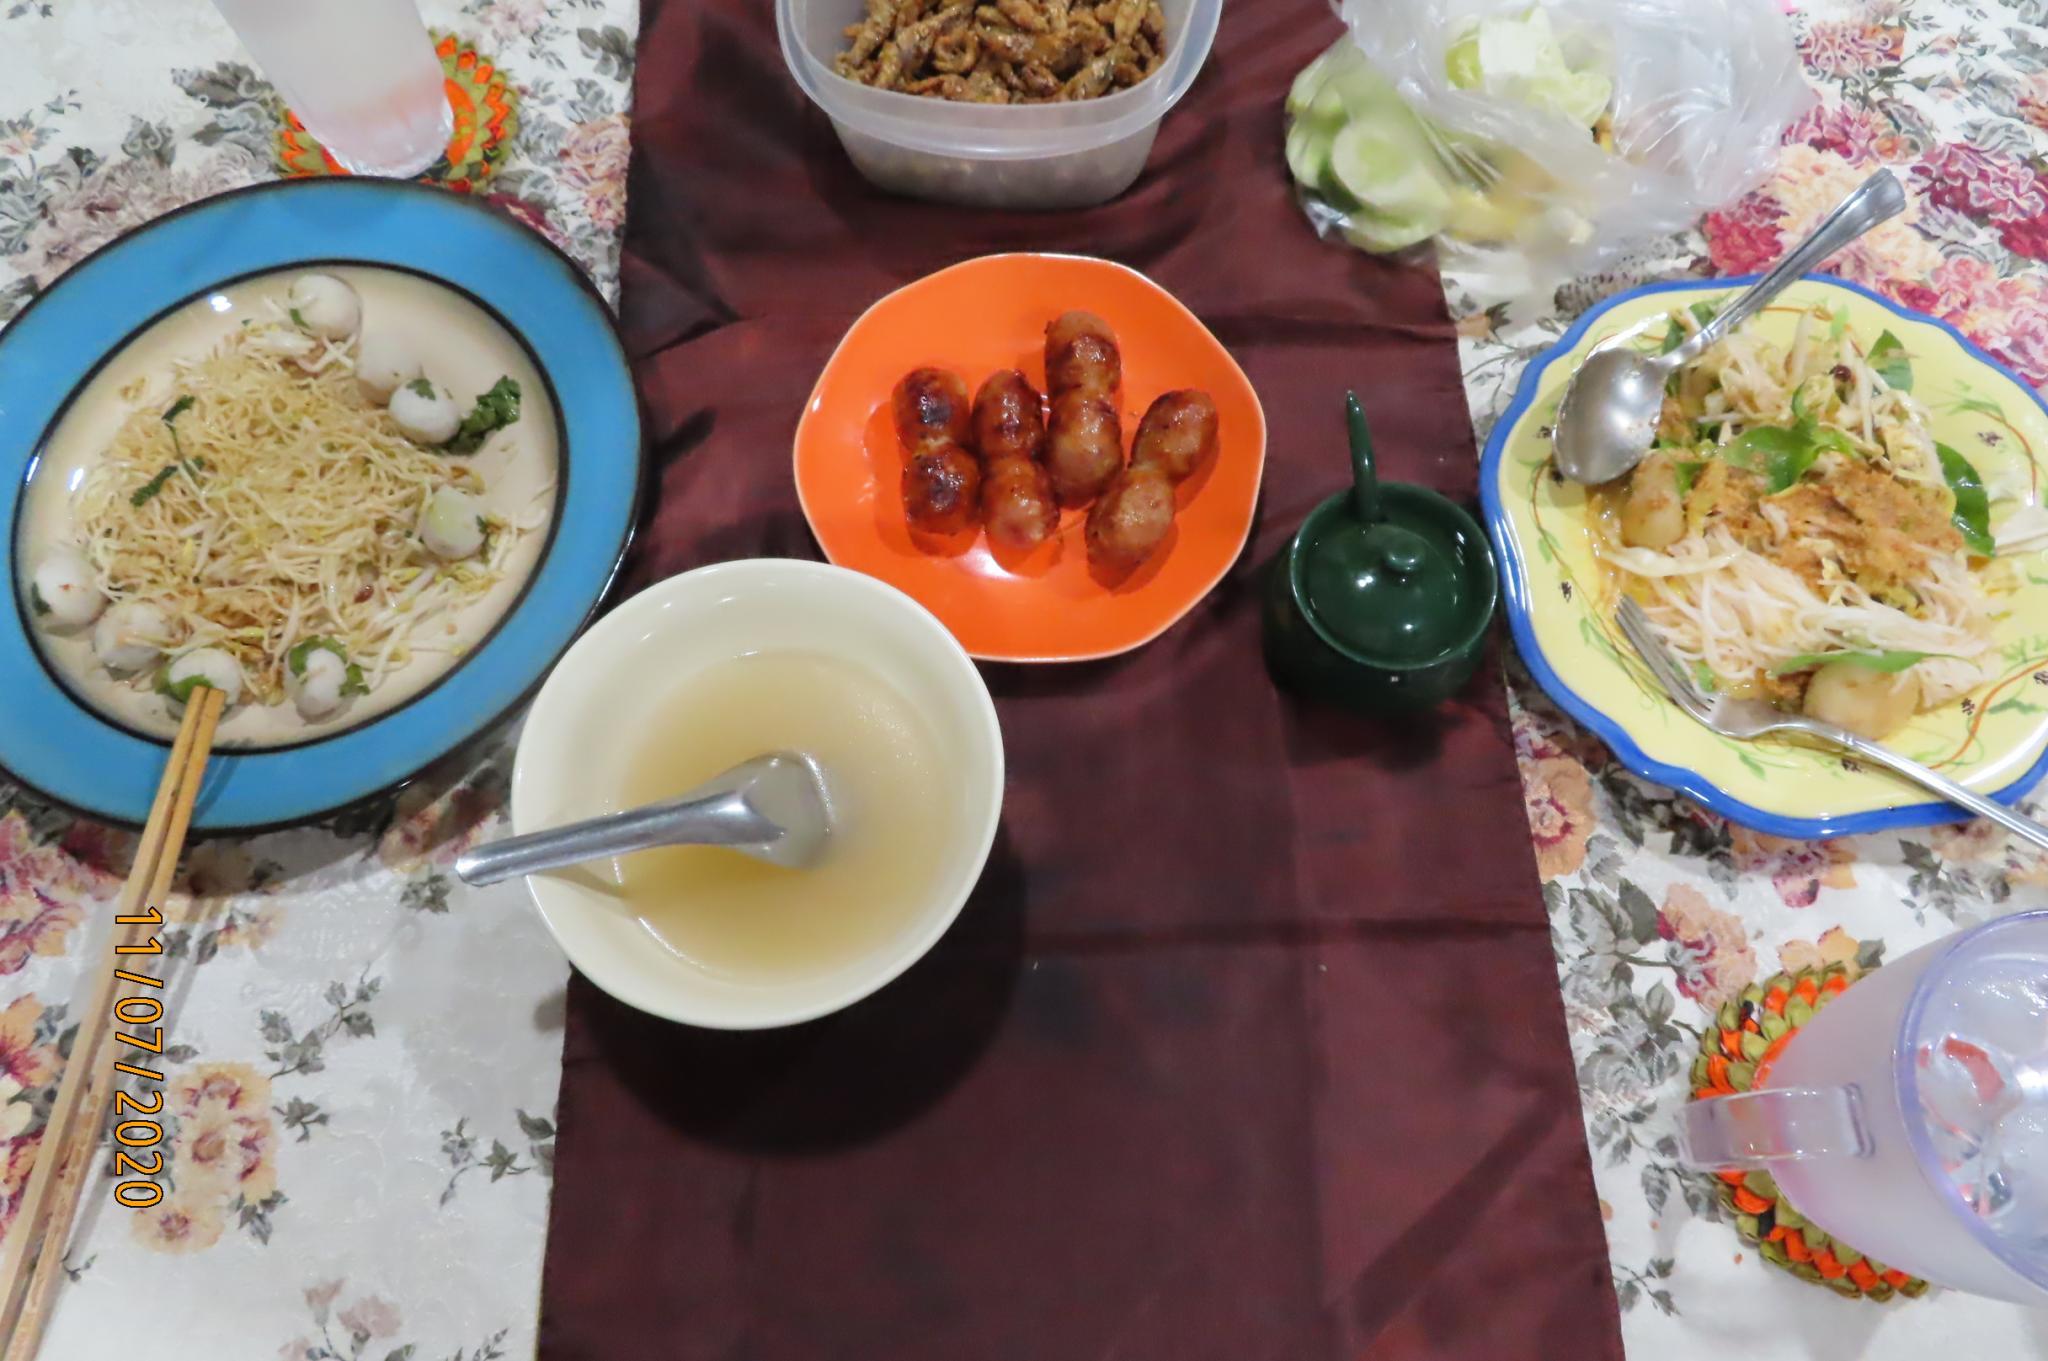 Dinner-img_7485-jpg